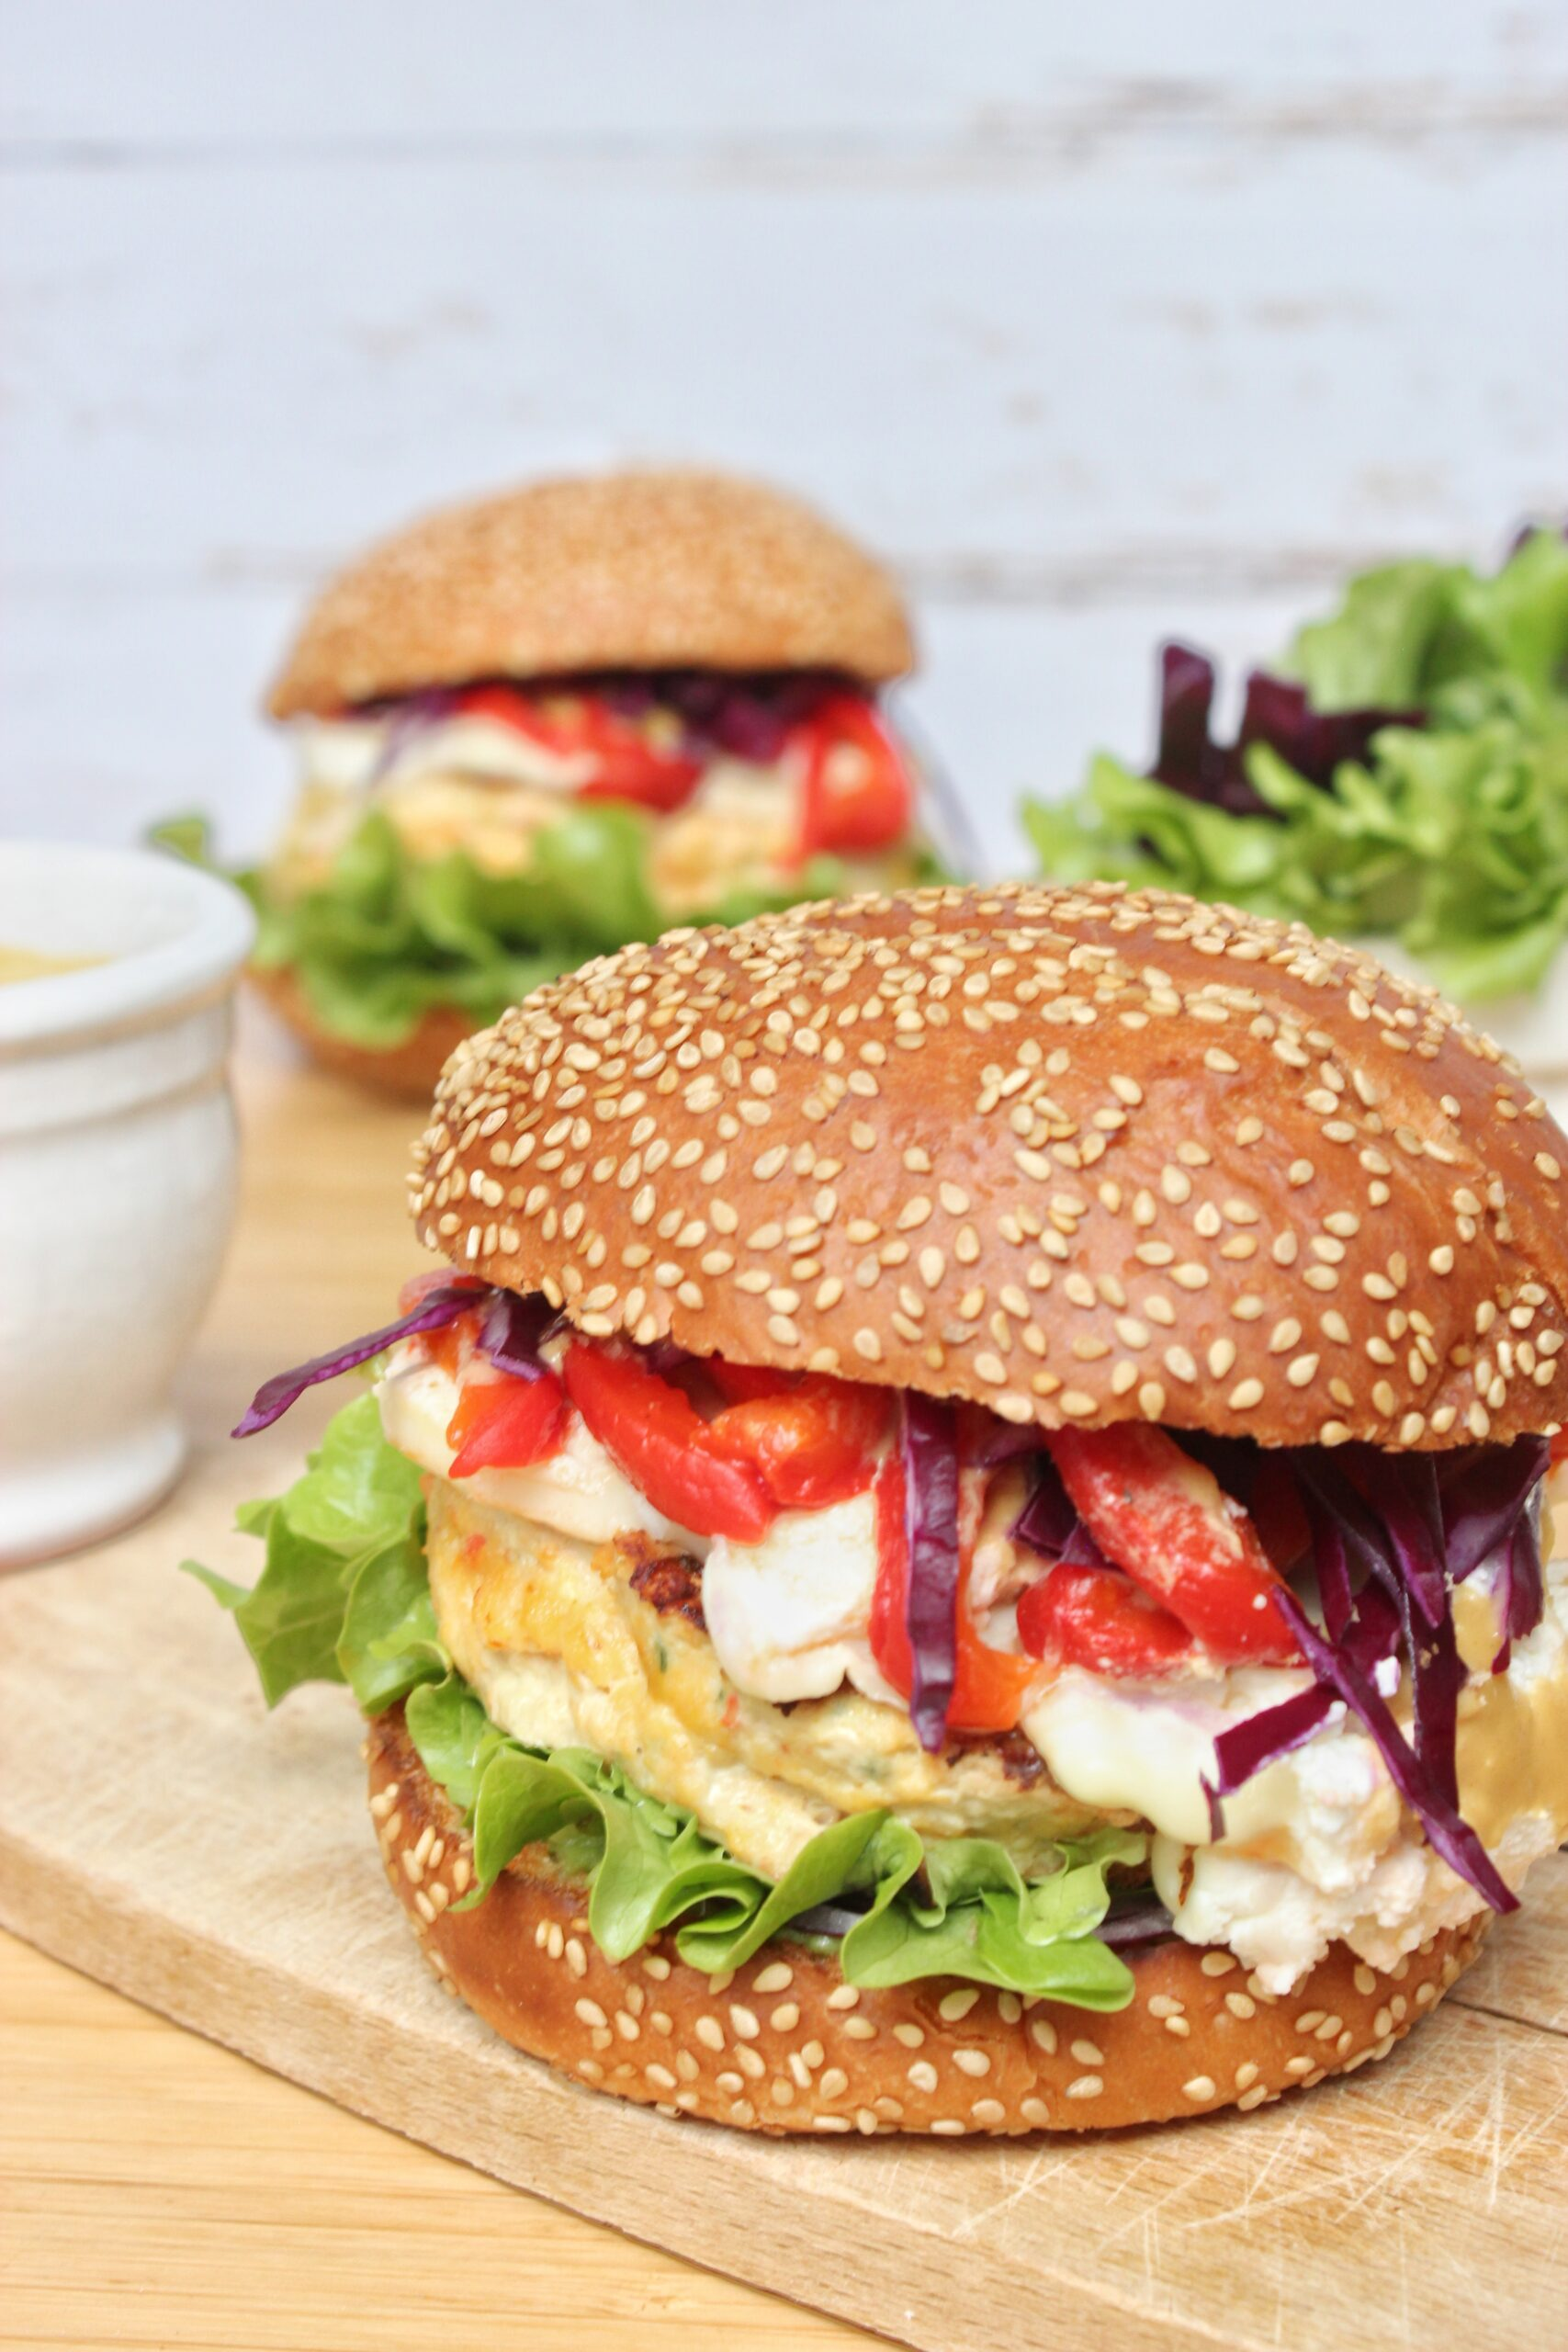 Recette Burger au poulet - Workeatout le blog de recettes ...